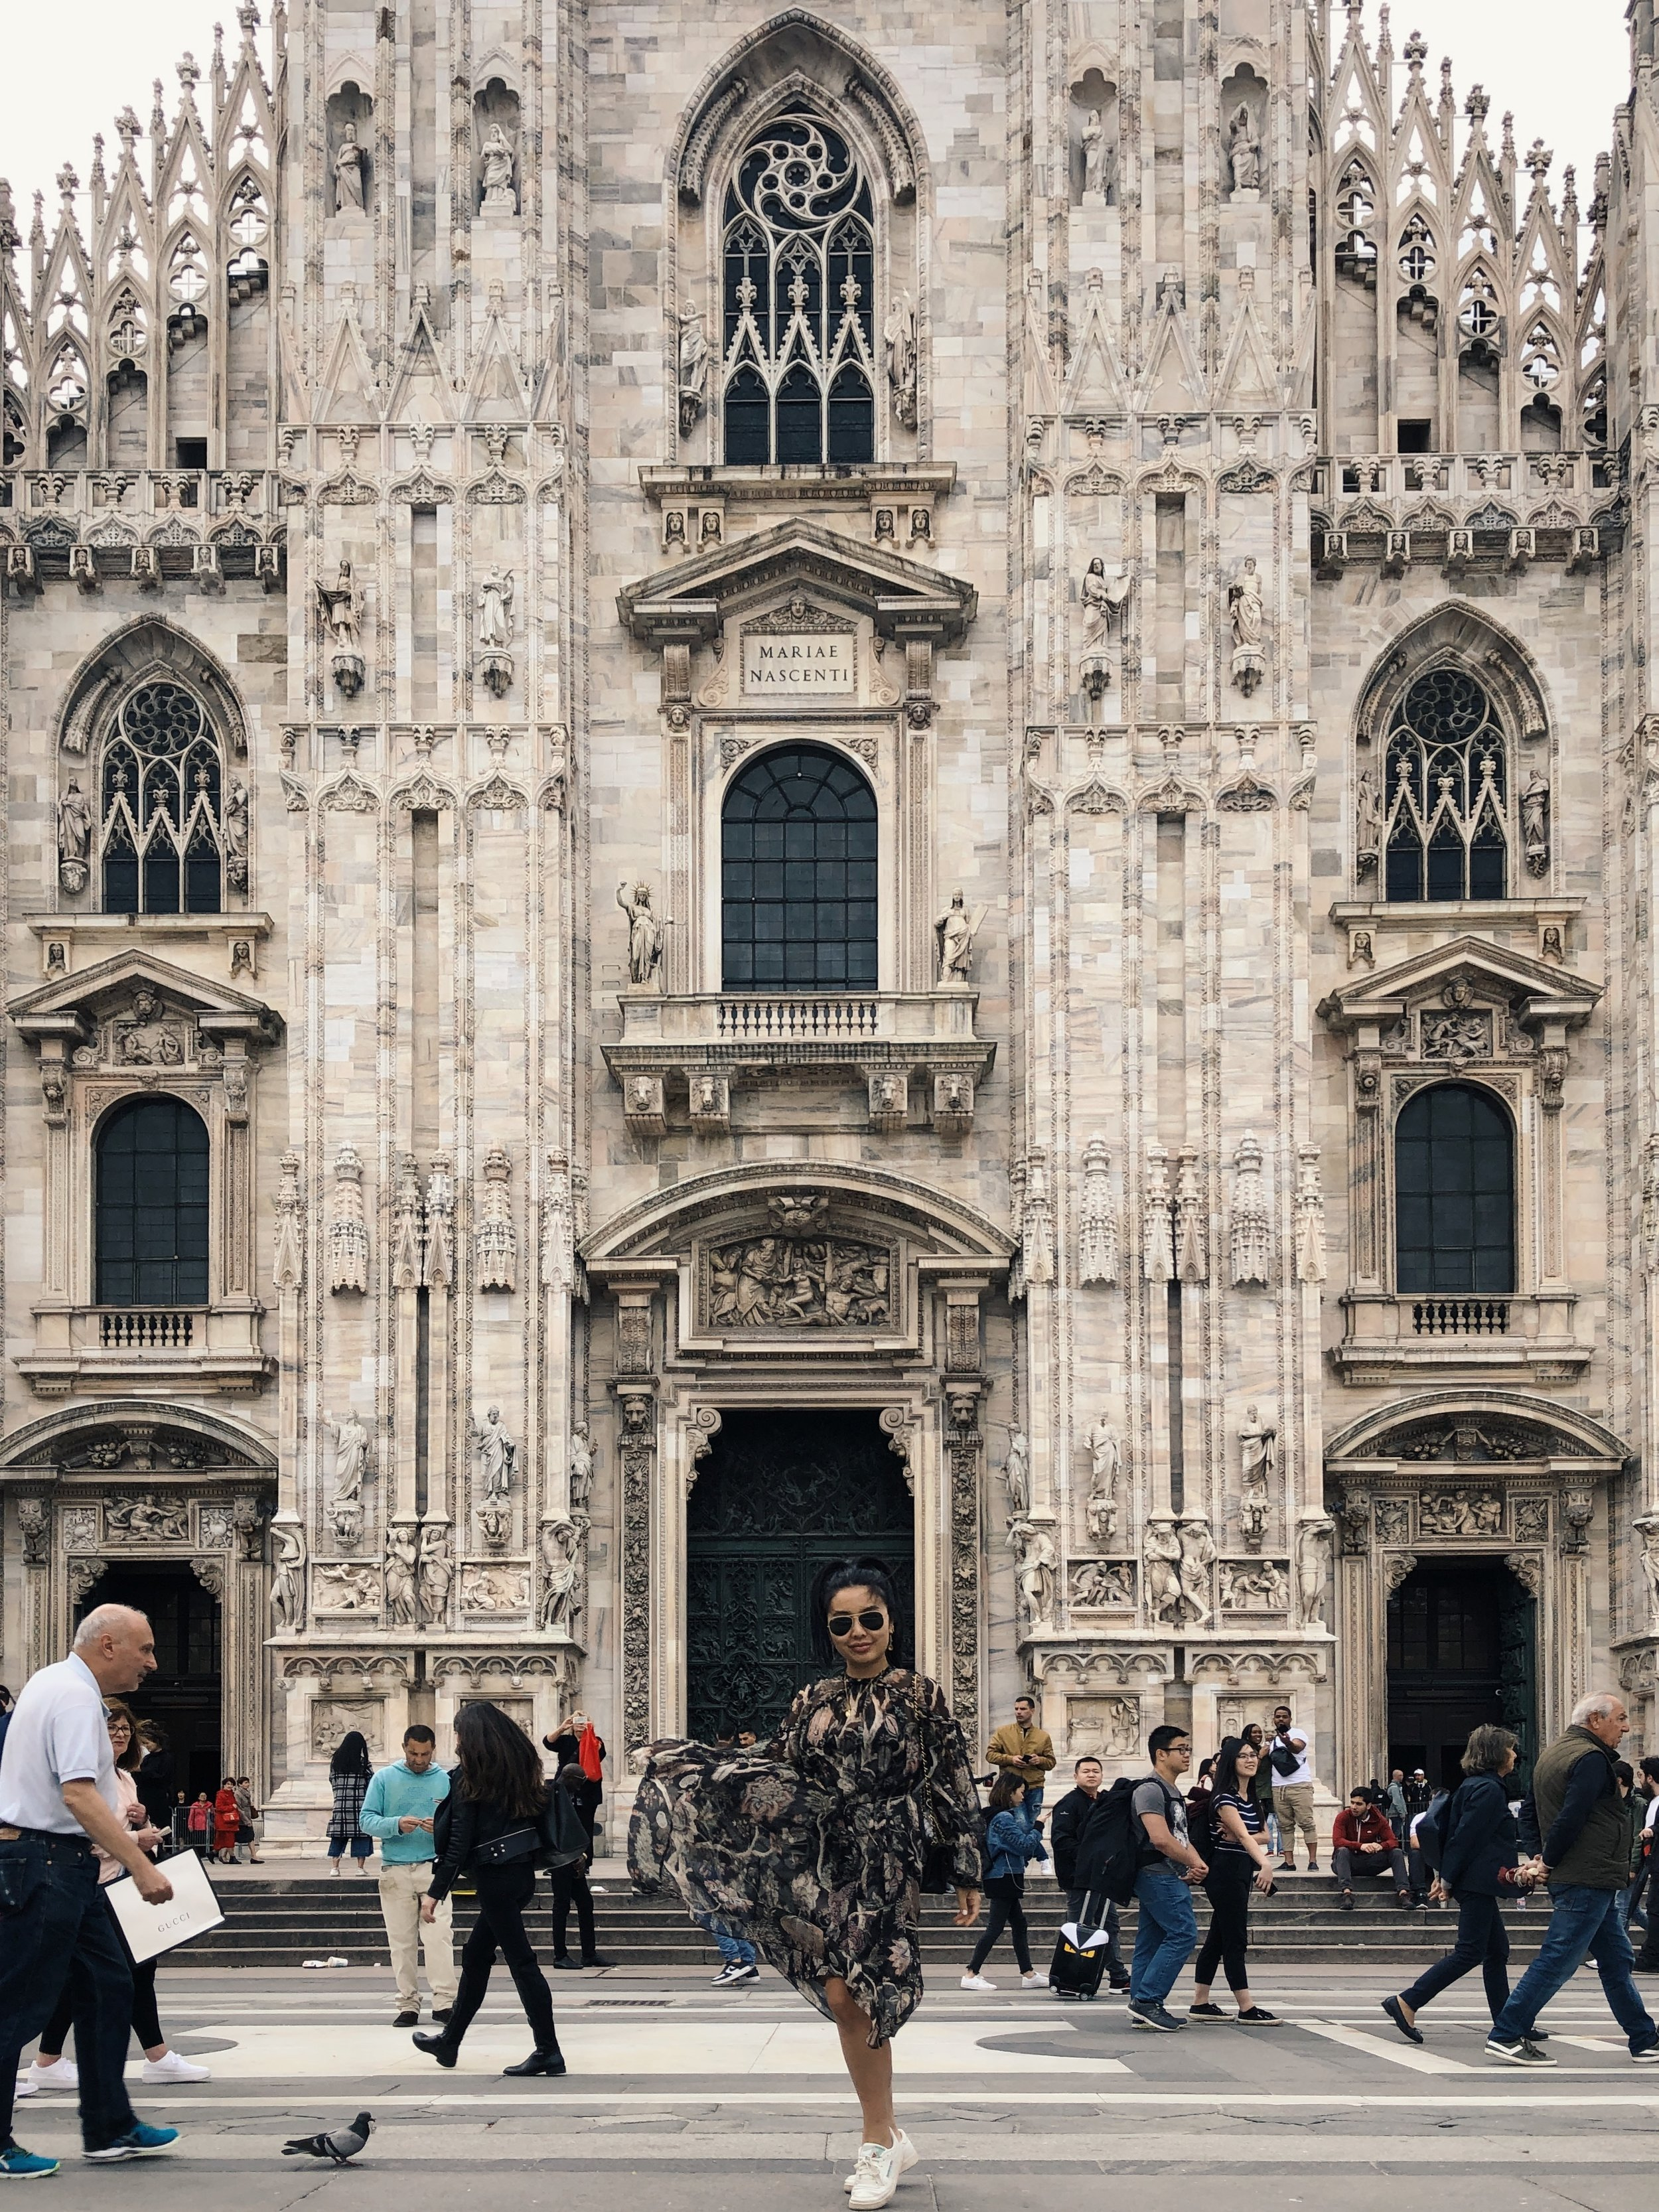 Duomo di Milano  Piazza del Duomo, 20122 Milano MI, Italy